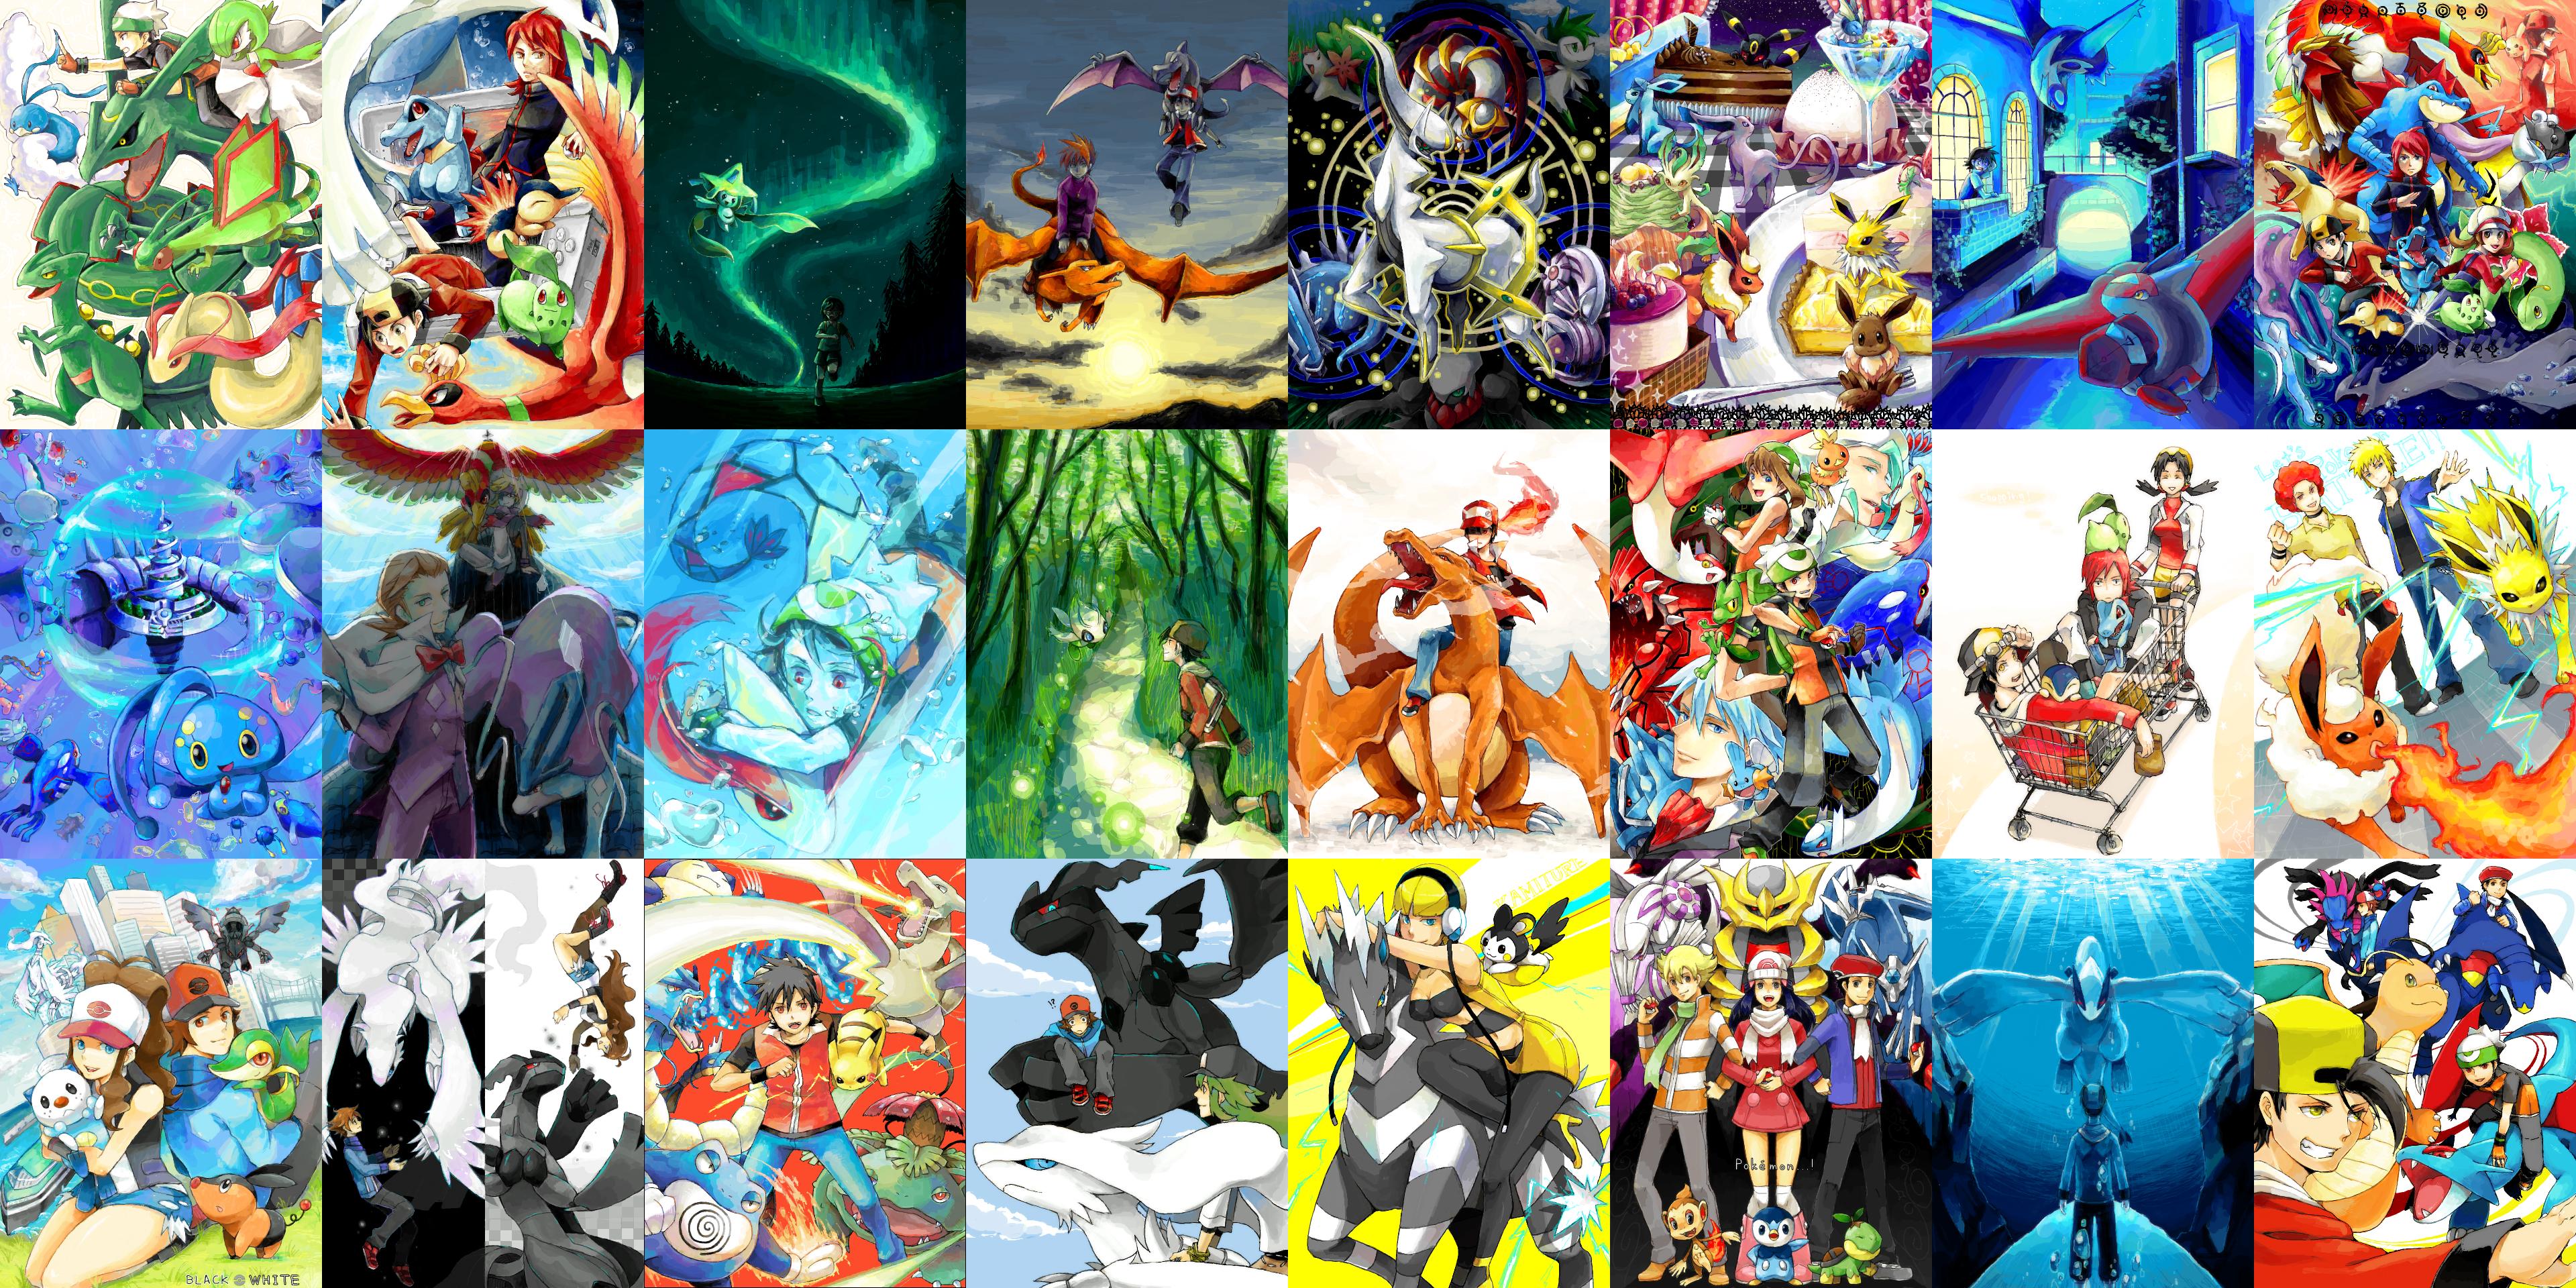 Download Pokémon Image 1231064 Hd Wallpaper